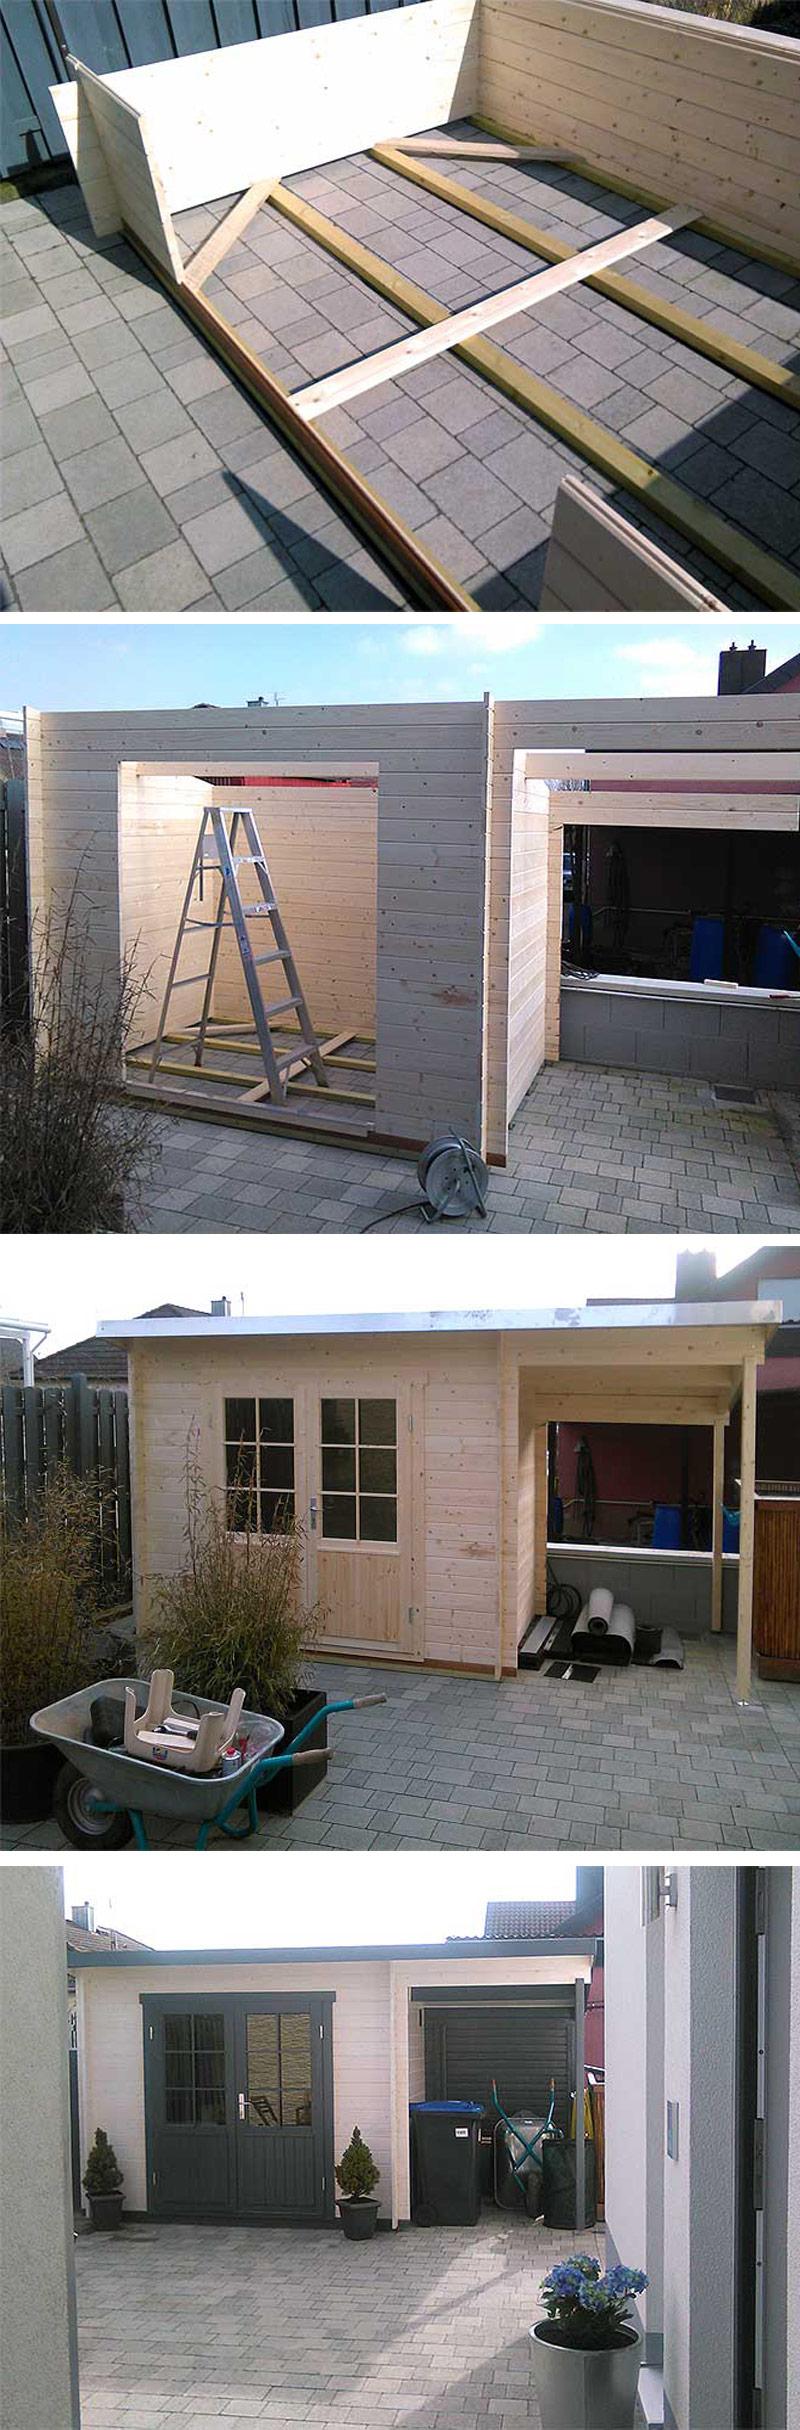 Gartenhaus Martina28 ein Aufbau mit Erweiterungen Die